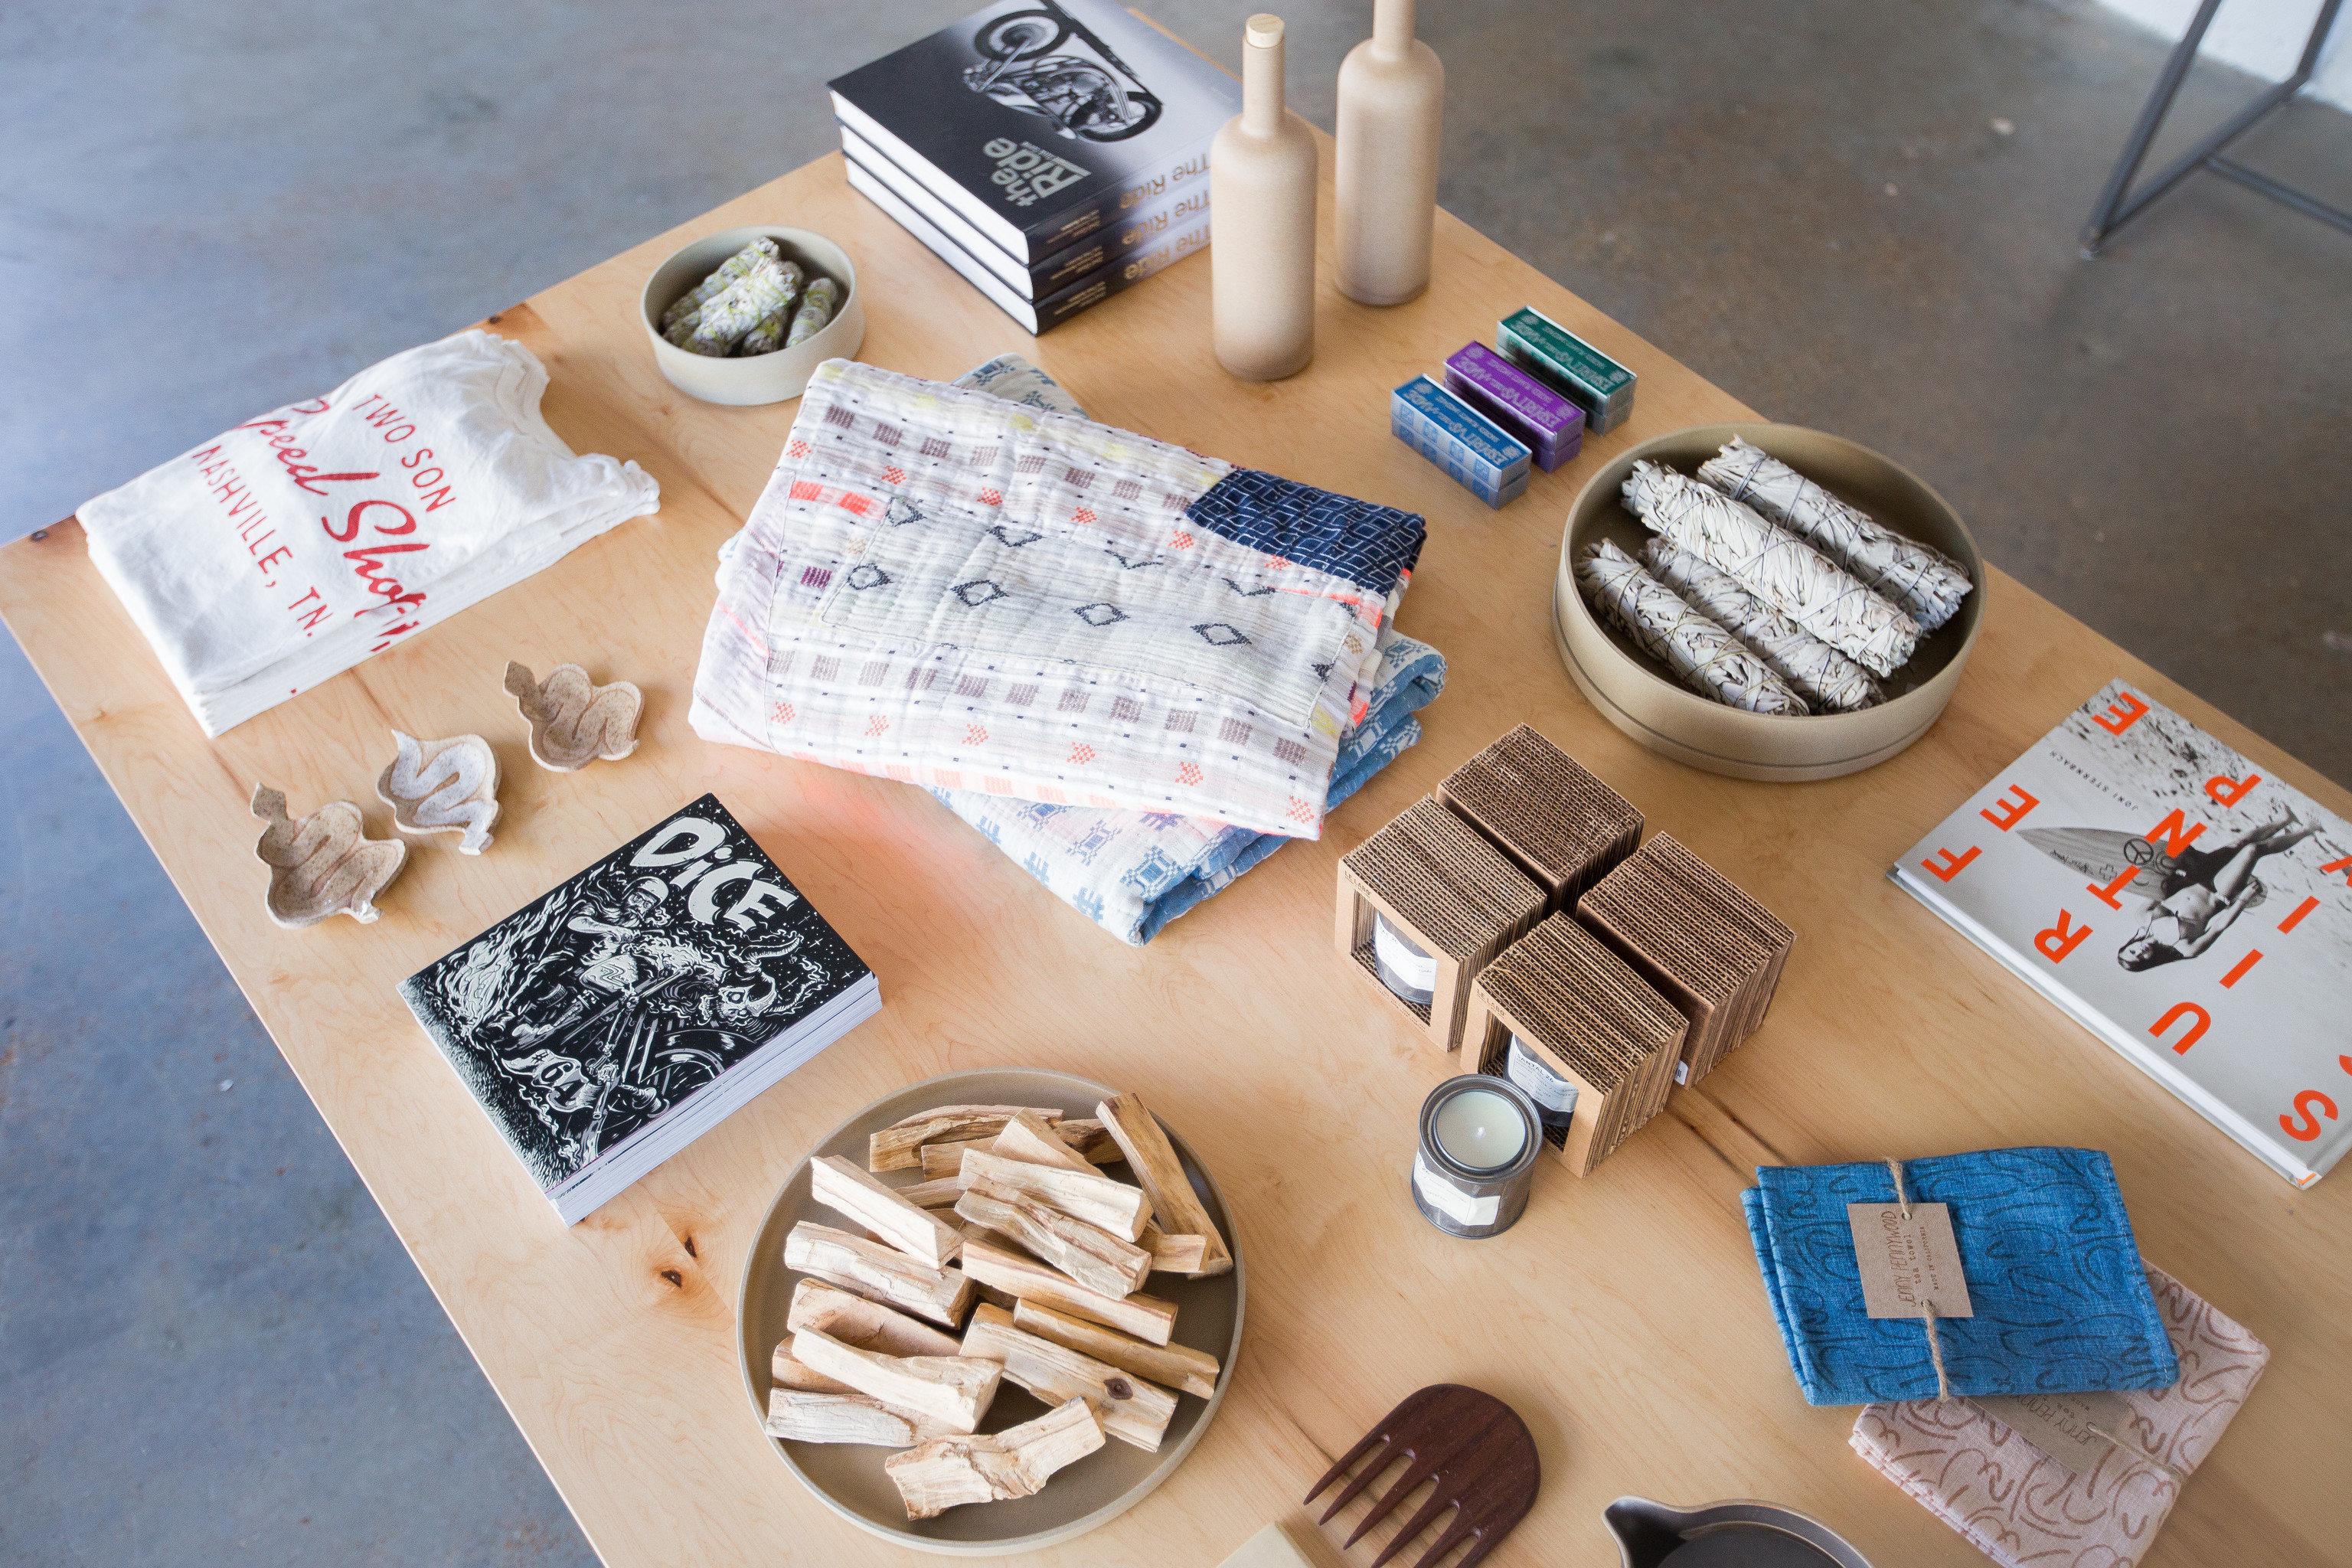 Jetsetter Guides floor indoor art Design brand items